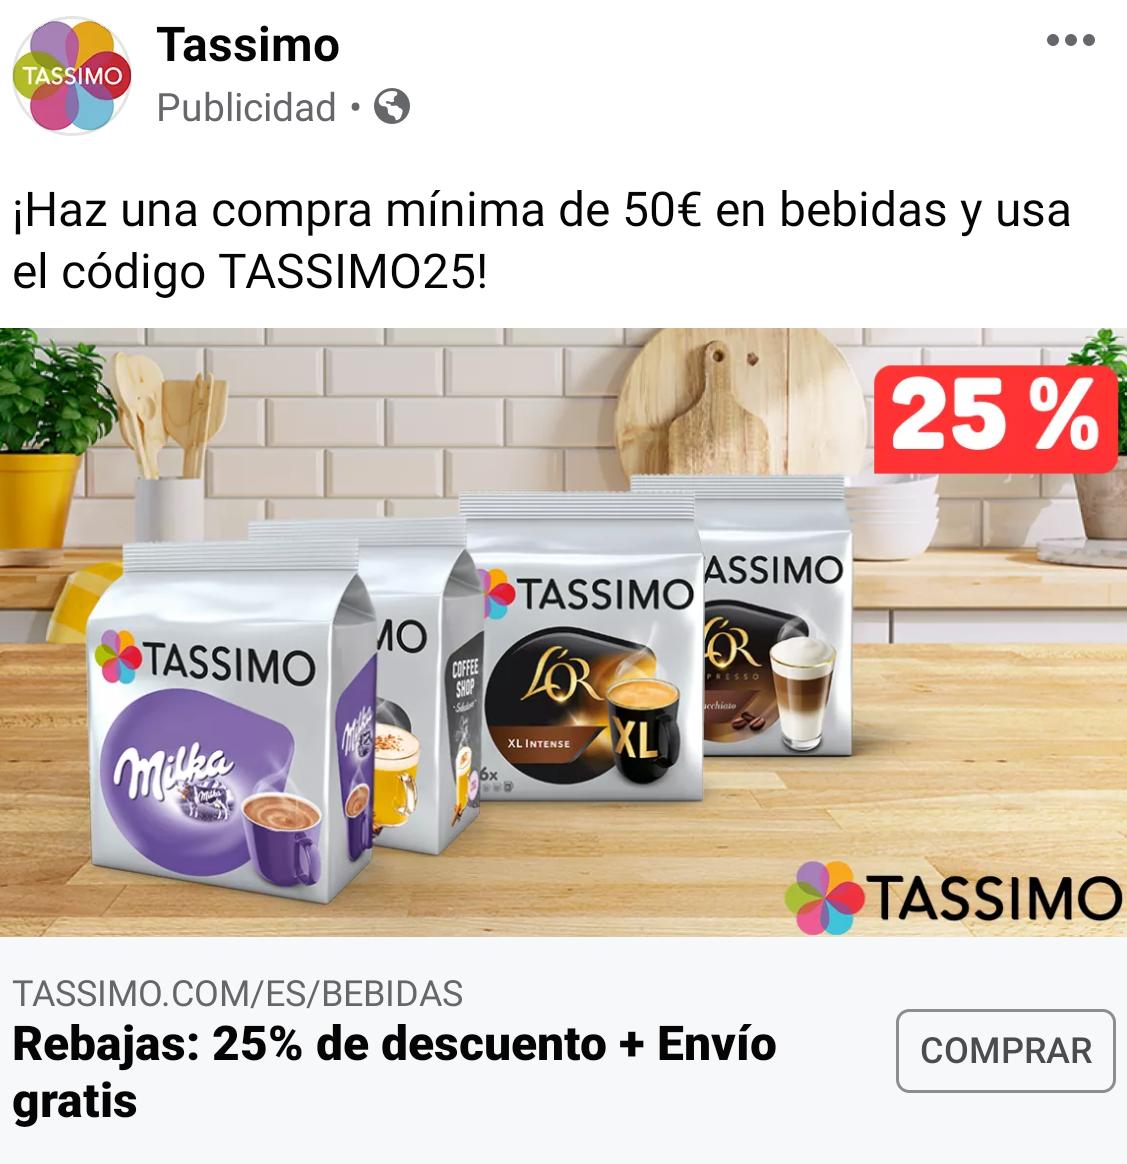 25% de descuento en Tassimo con envío gratuito (compra mínima 50 euros)